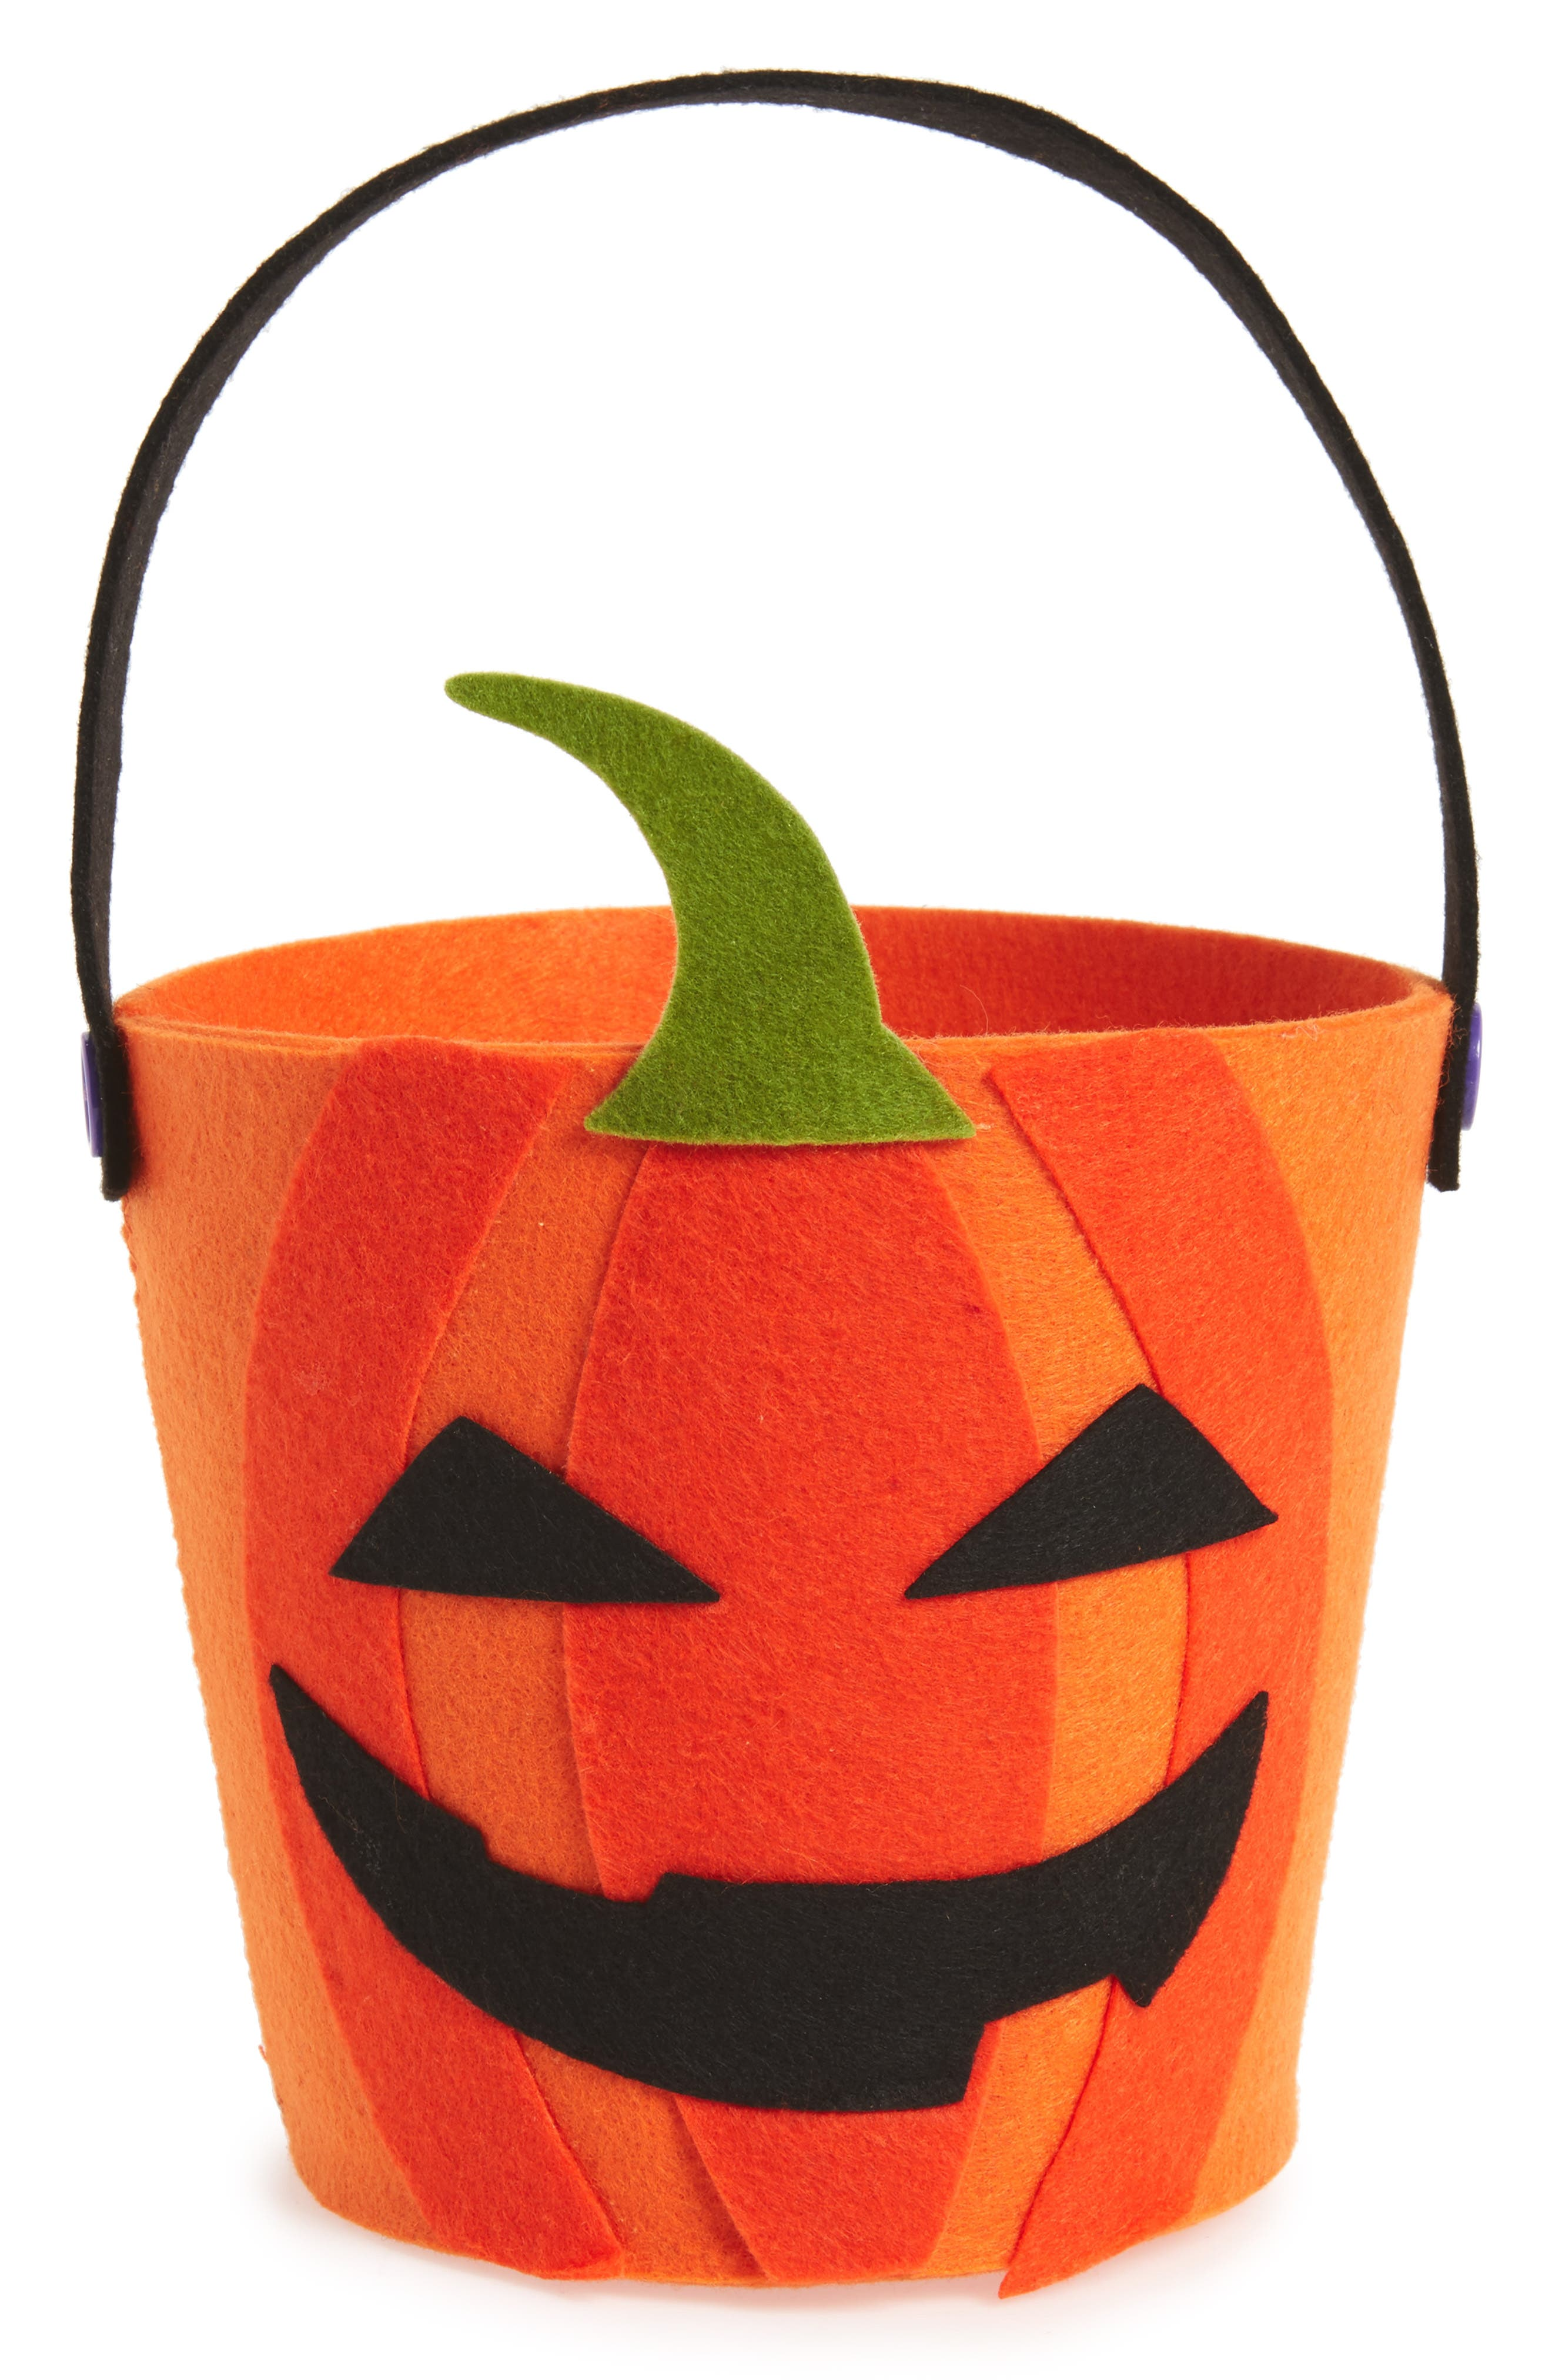 Design Imports Jack O' Lantern Felt Candy Bag